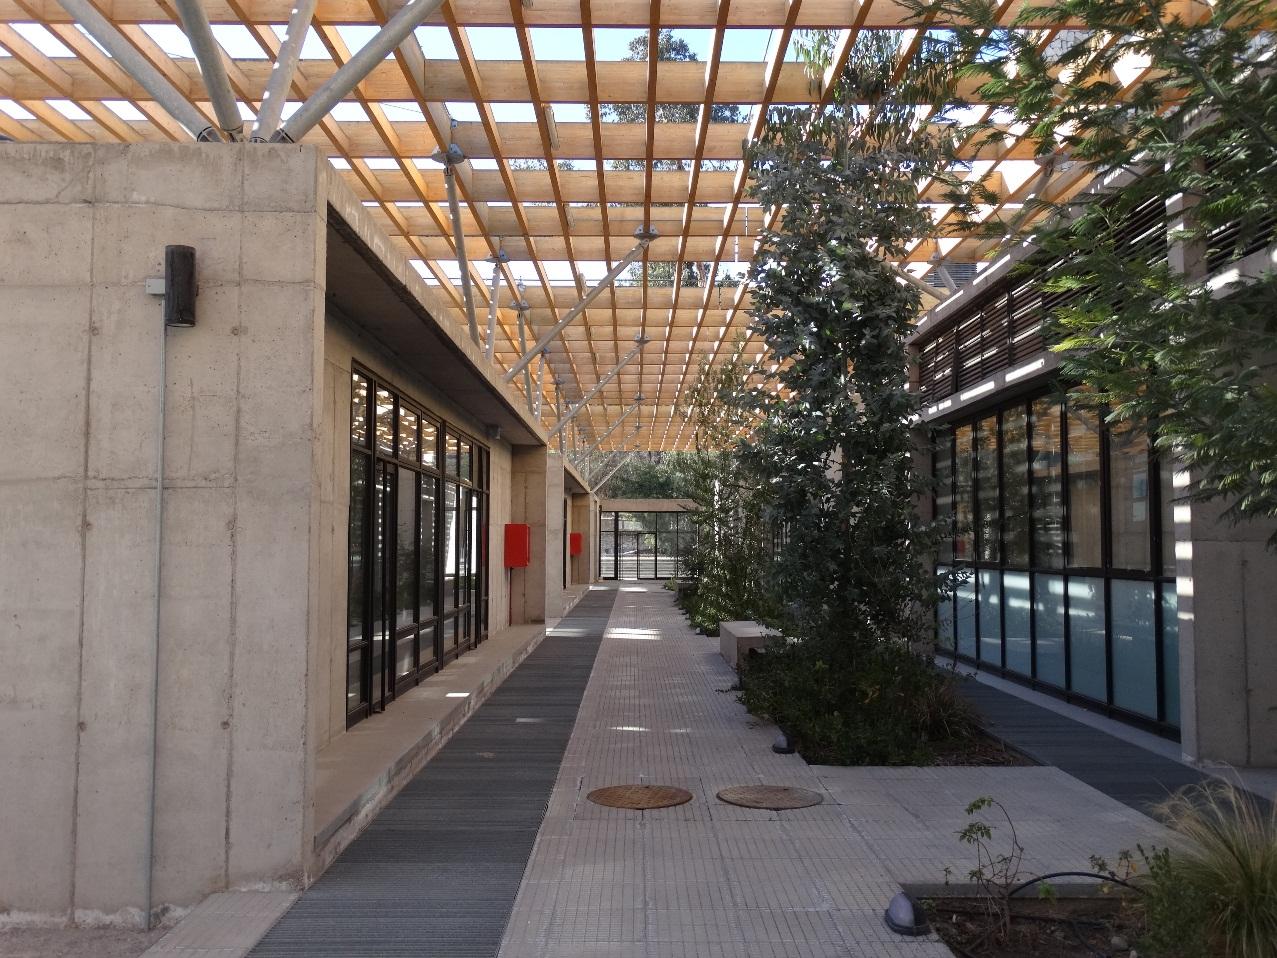 UDA, Gobierno Regional, Consejeros Regionales y Municipalidad de Vallenar lograron acuerdo transversal para potenciar el funcionamiento del Centro Tecnológico Ambiental